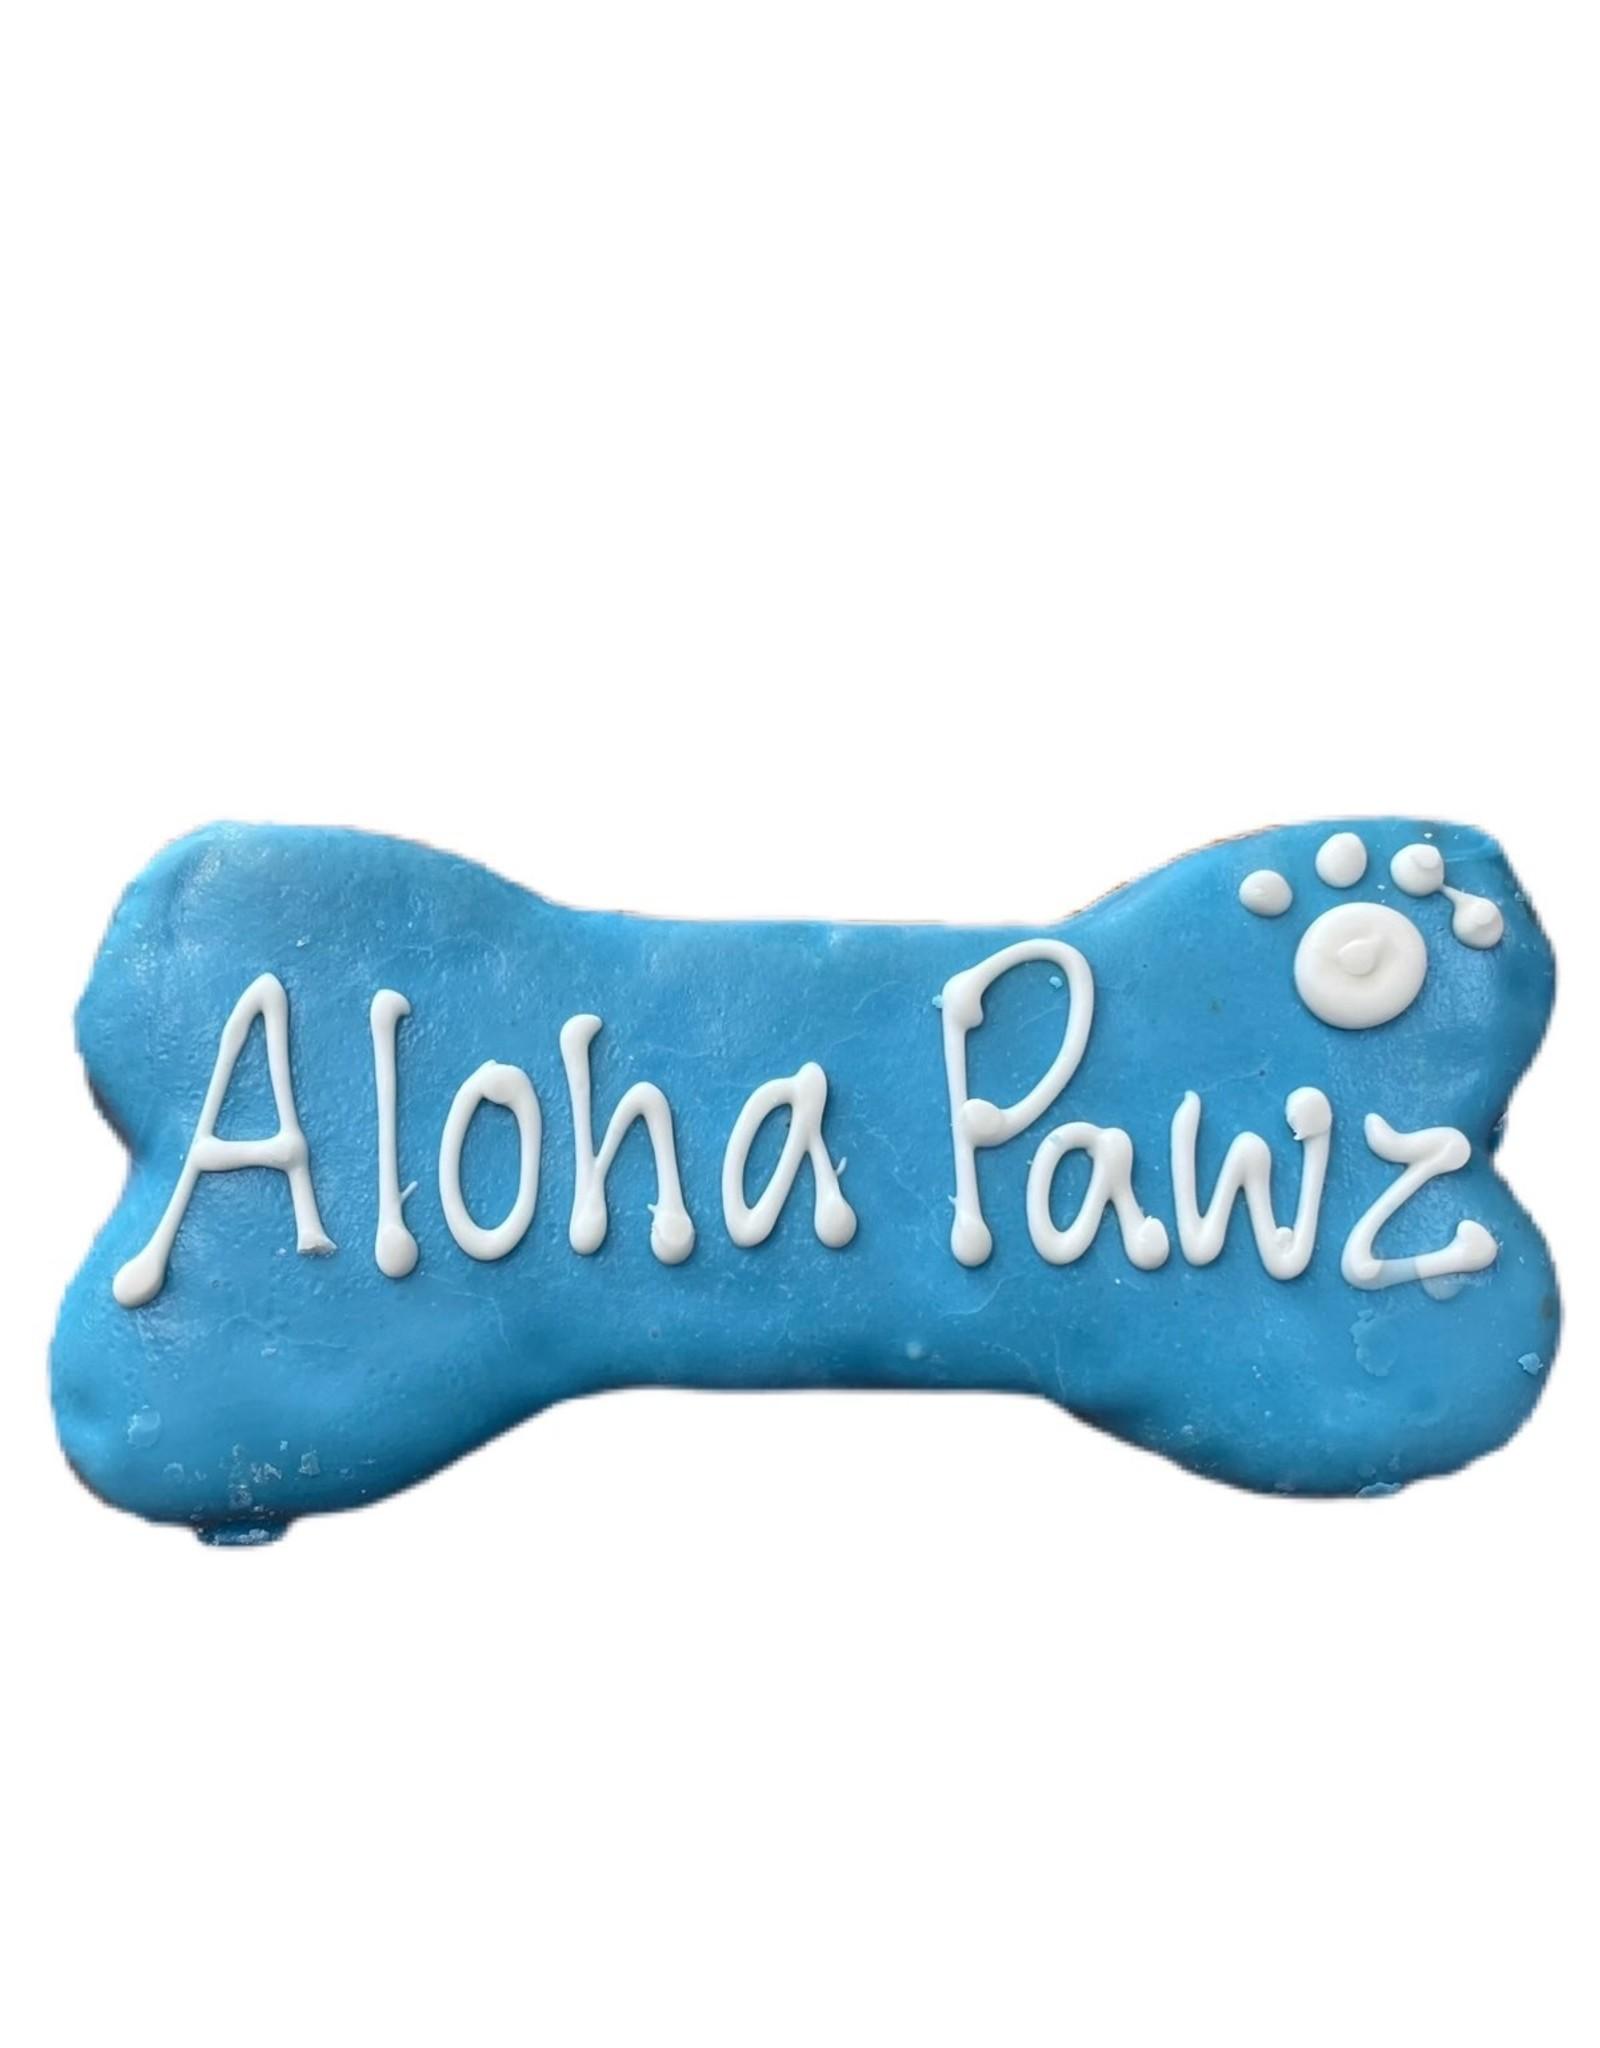 Woofables Aloha Pawz Bone